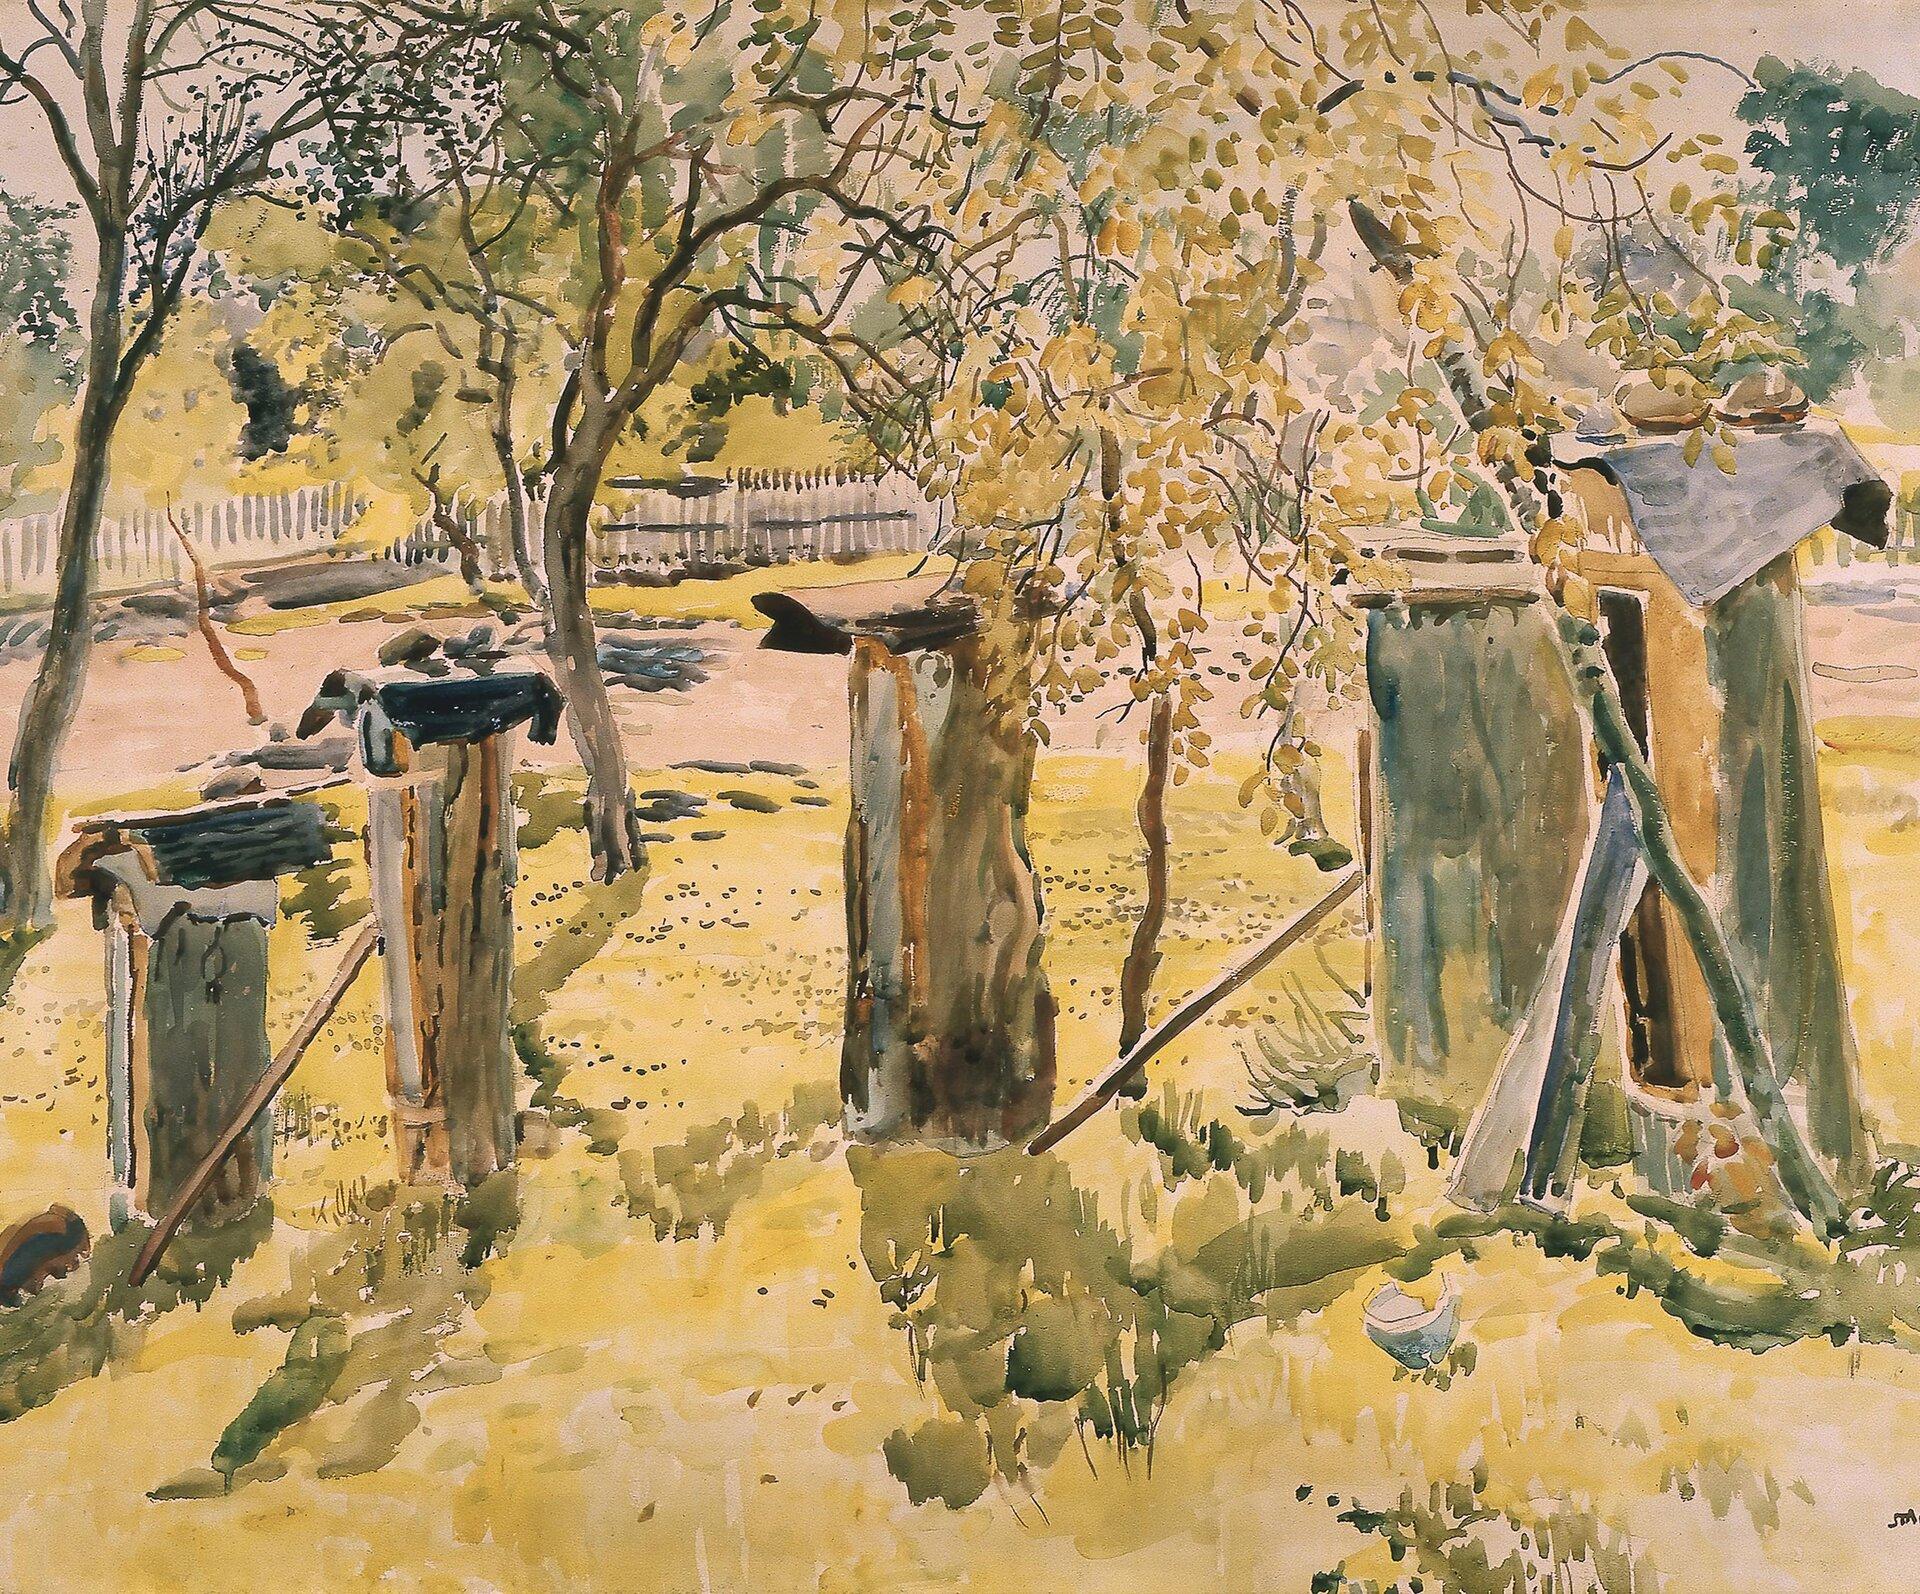 Ule Źródło: Stanisław Masłowski, Ule , 1924, akwarela, domena publiczna.